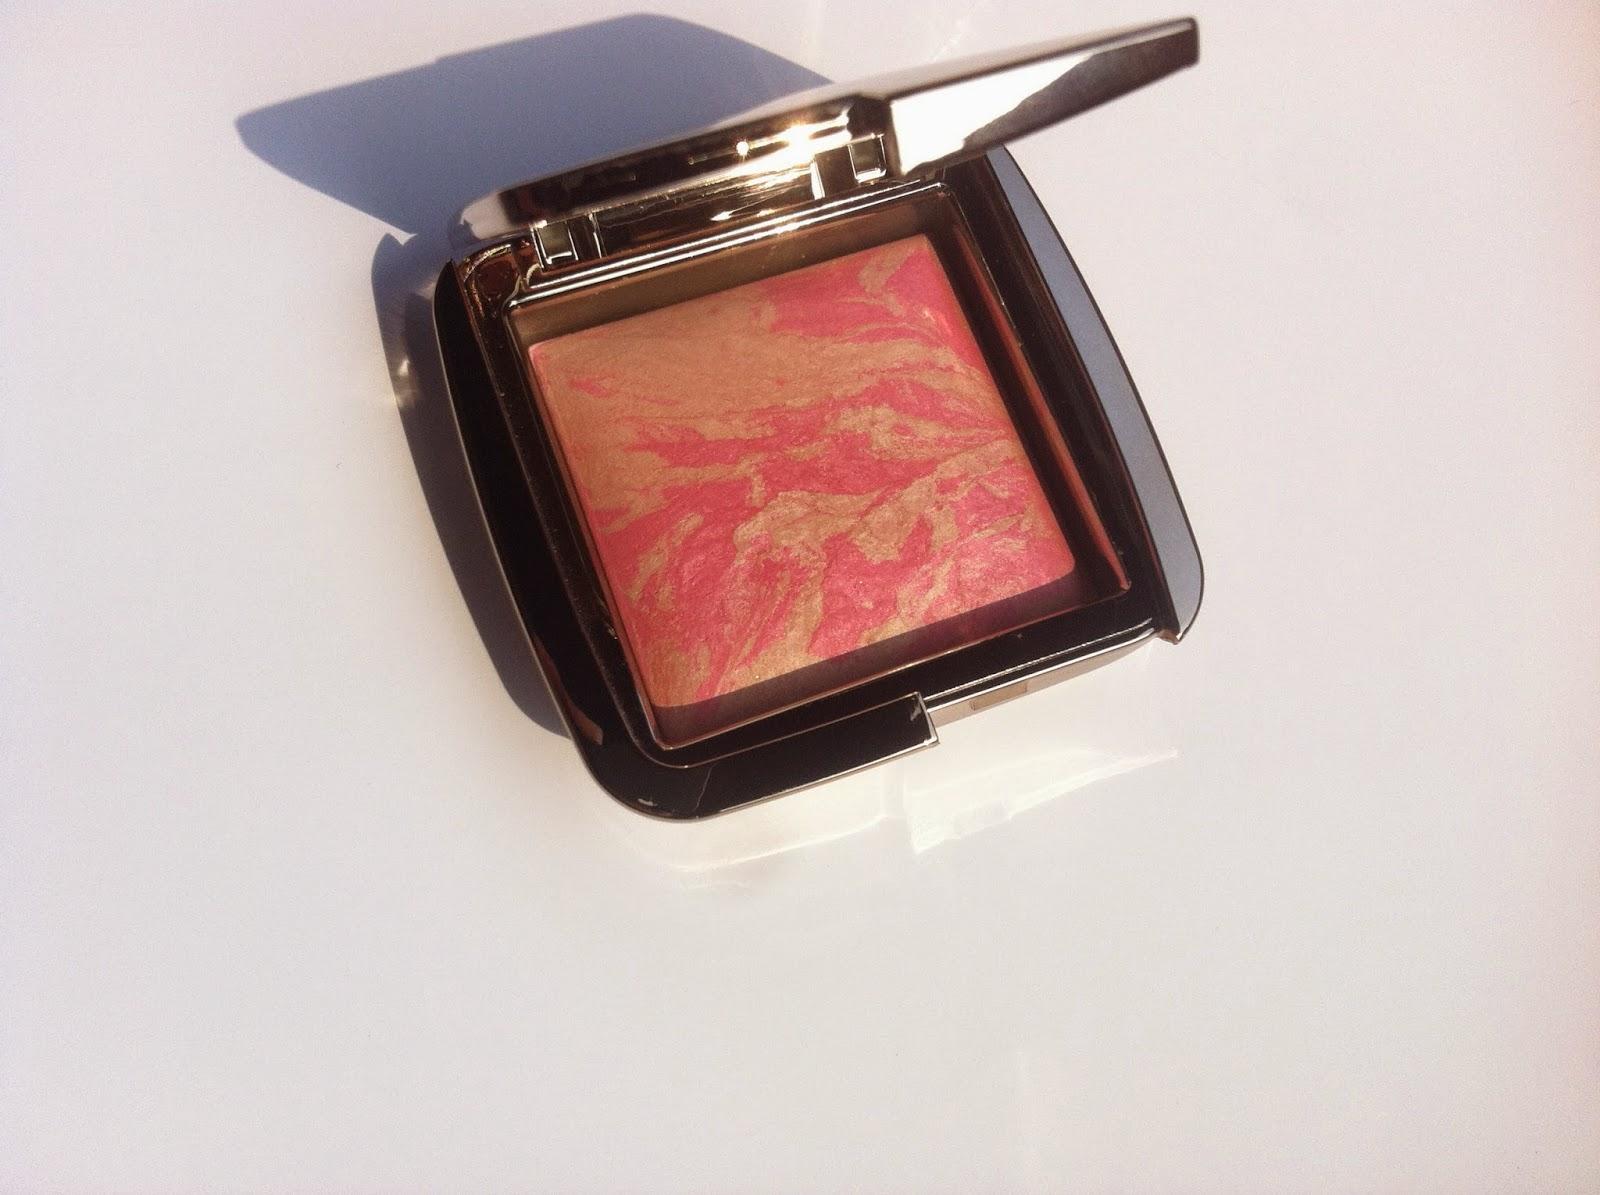 Hourglass Ambient Lighting Blush Luminous Flush, blush corallo, blush luminoso